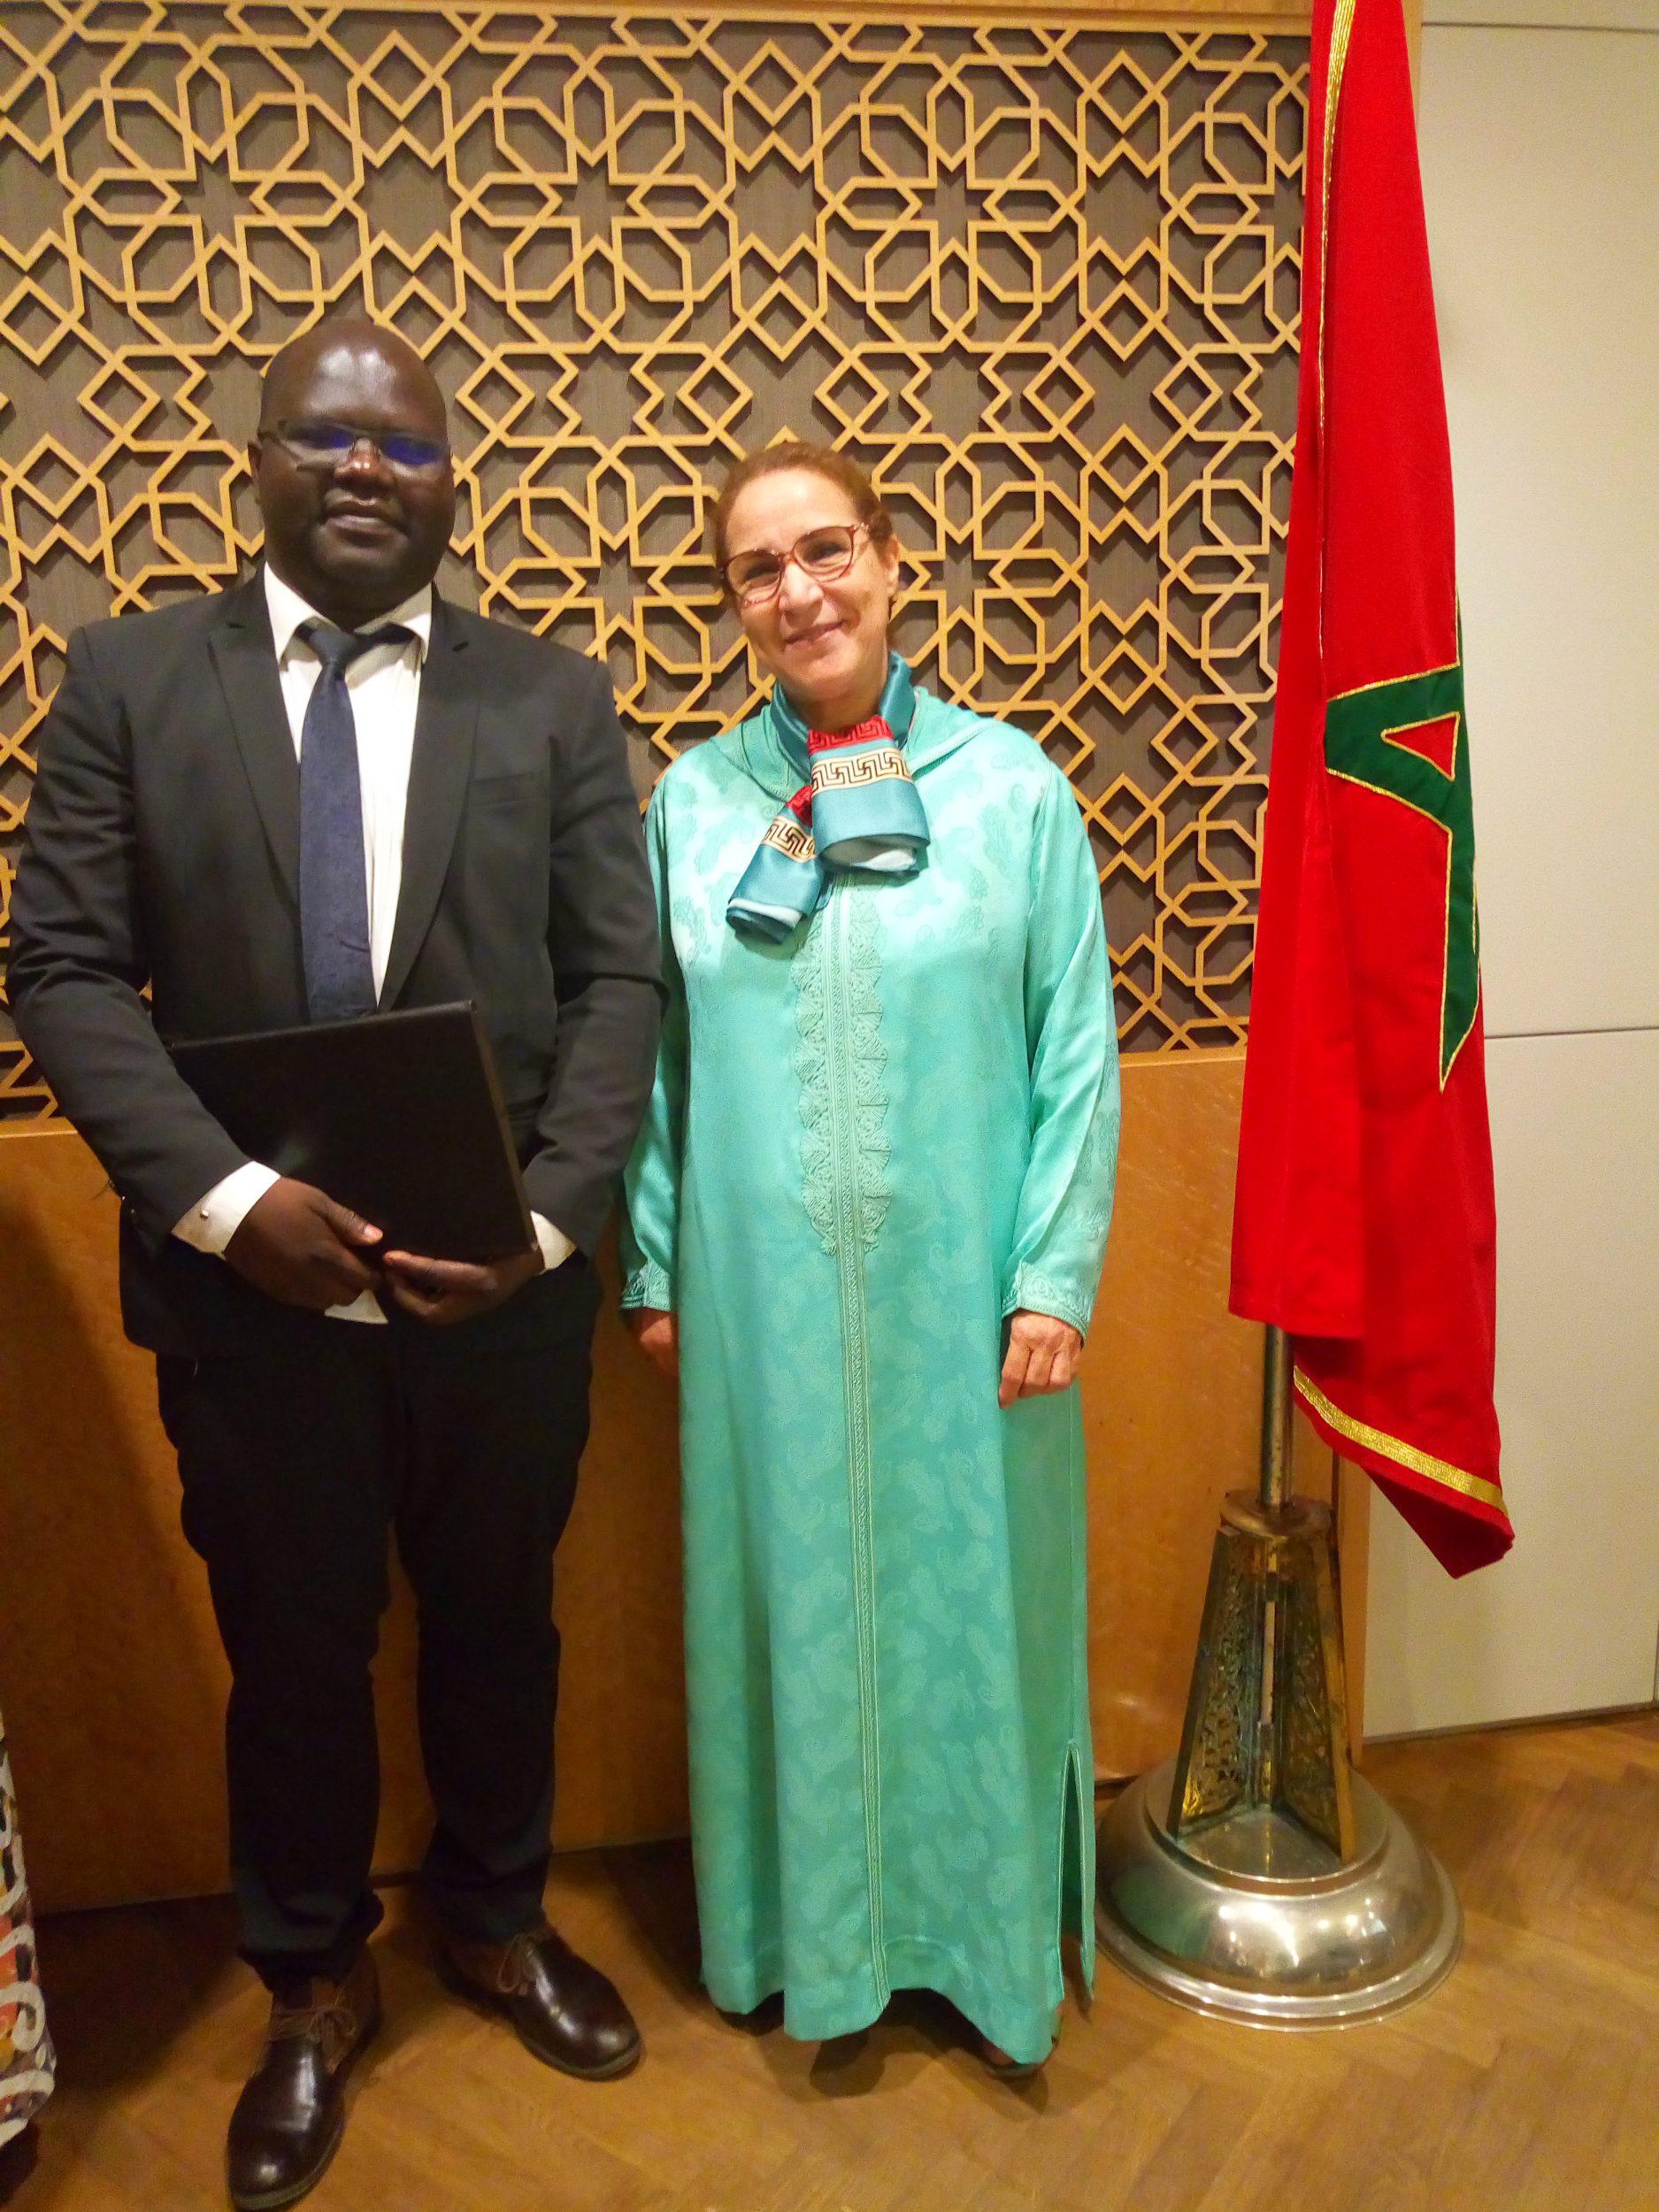 """You are currently viewing Maroc : Intégration culturelle africaine """"L'Assemblée Nationale soutiendra les initiatives du Centre culturel africain"""""""